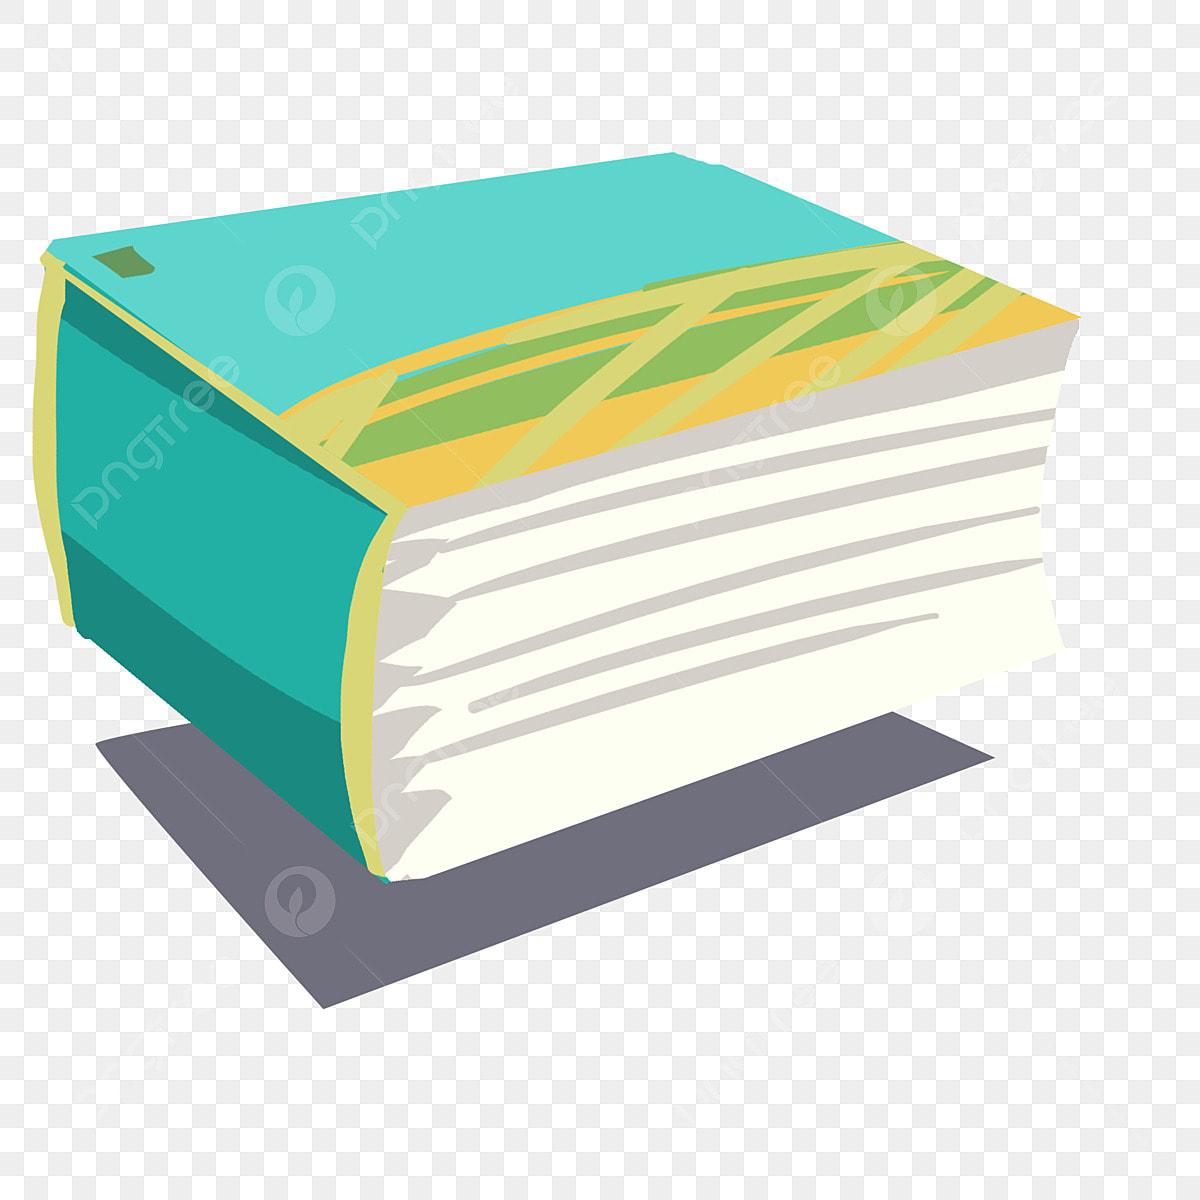 كتب كتب كتب كتب مدرسية توضيحي رسوم إيضاحية للكتاب كتب قصص Png وملف Psd للتحميل مجانا